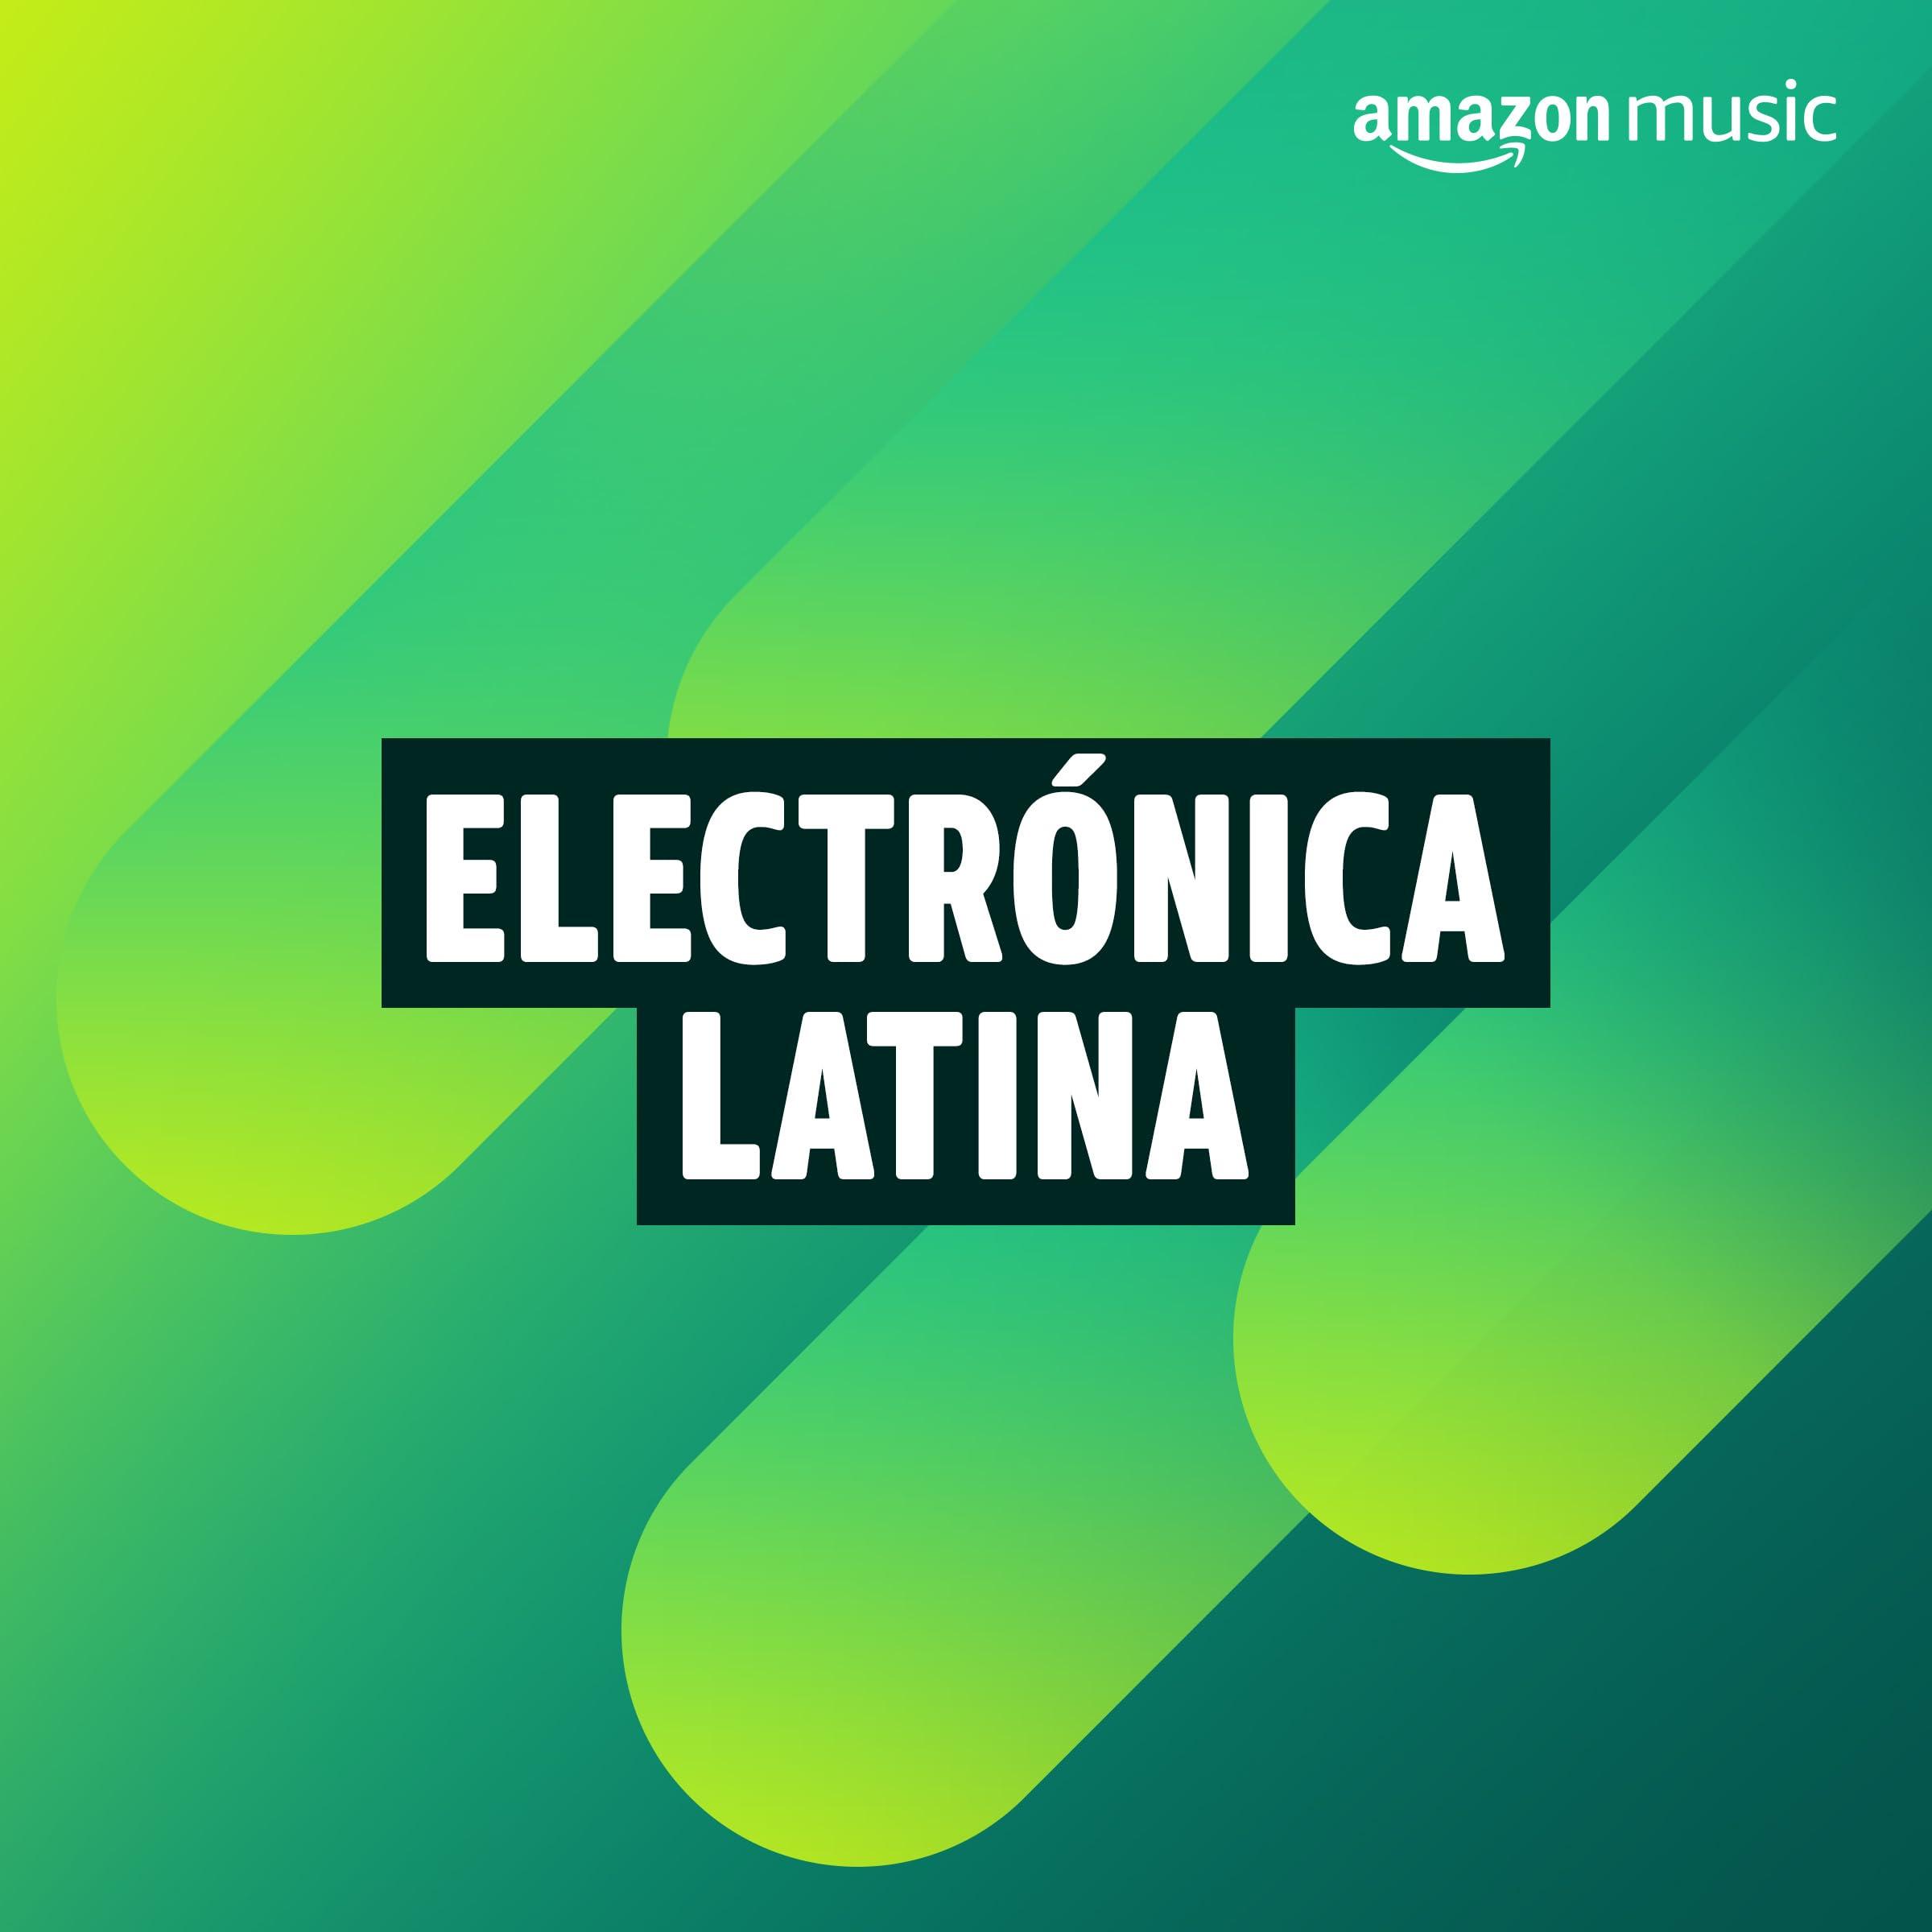 Electrónica Latina